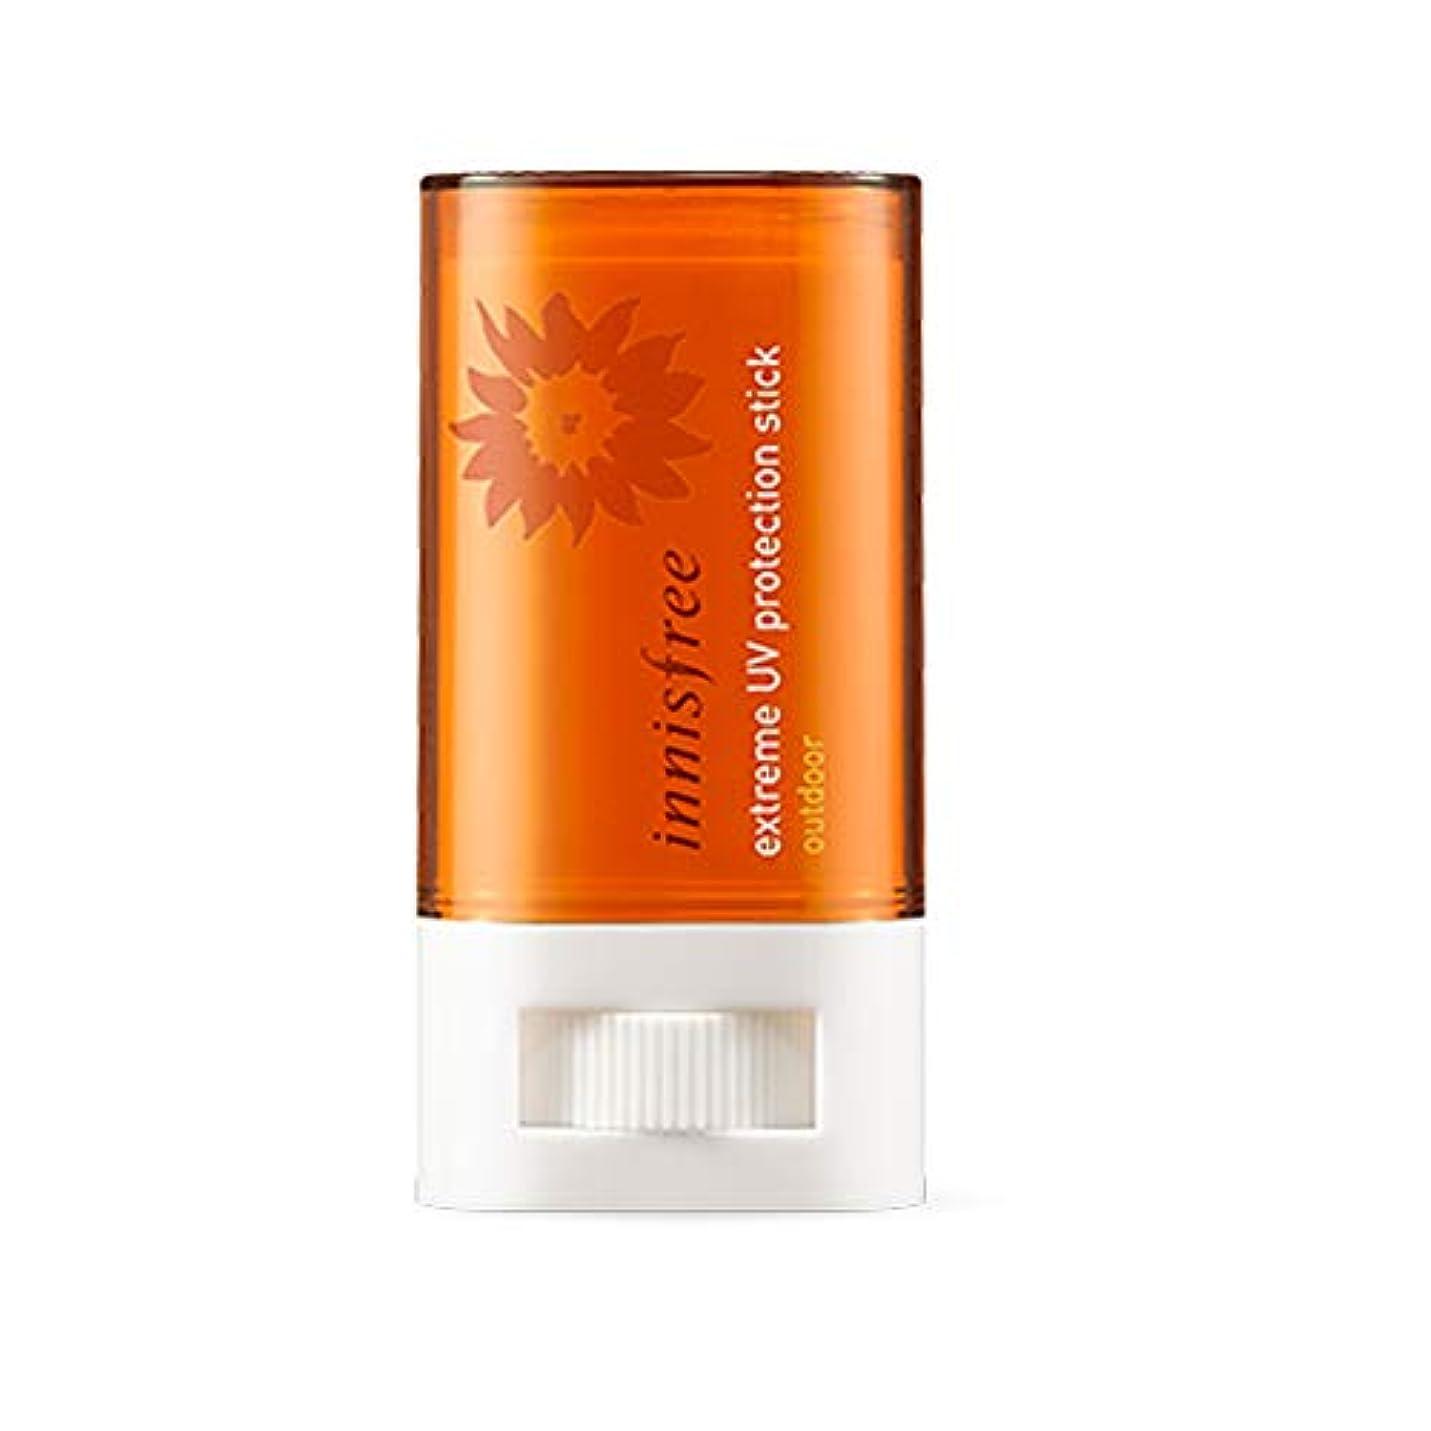 不測の事態留まるコンパスイニスフリーエクストリームUVプロテクションスティックアウトドアSPF50 + PA ++++ 19g Innisfree Extreme UV Protection Stick Outdoor SPF50 + PA +...